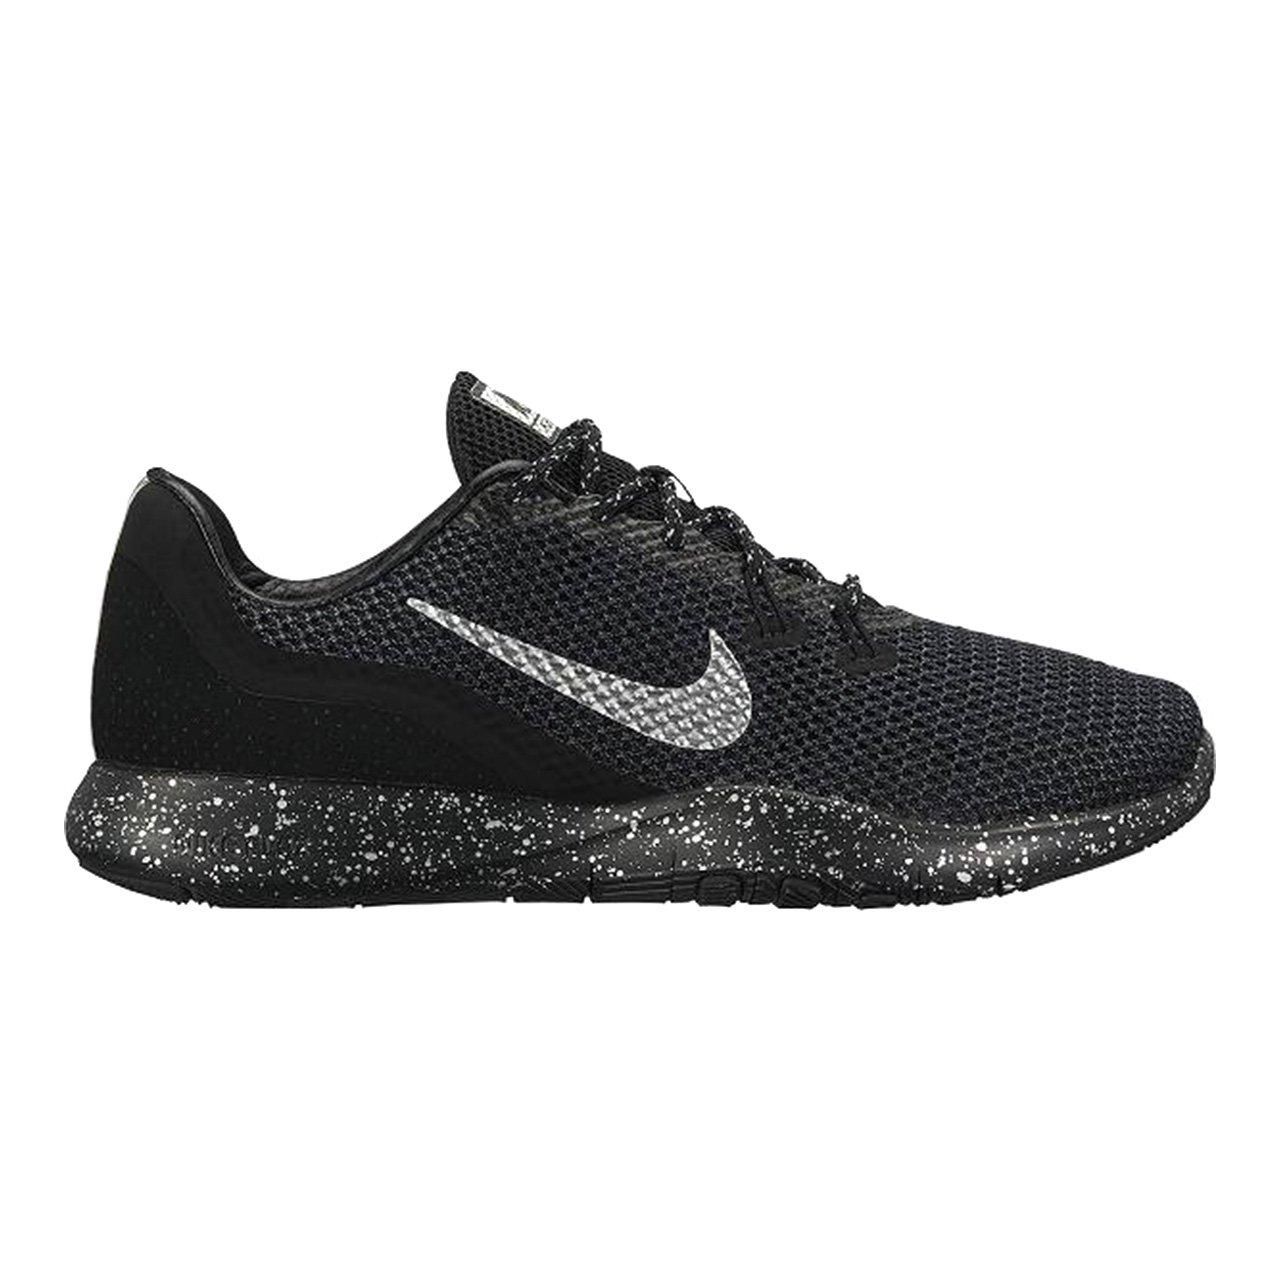 023aa216e995e Nike Women s s W Flex Trainer 7 PRM Running Shoes  Amazon.co.uk  Shoes    Bags